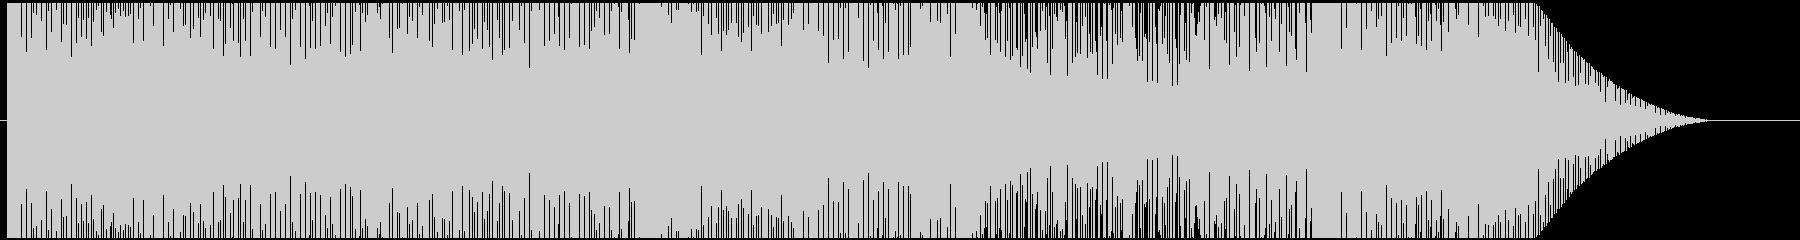 ゲーム・バトル系モノのループ曲の未再生の波形